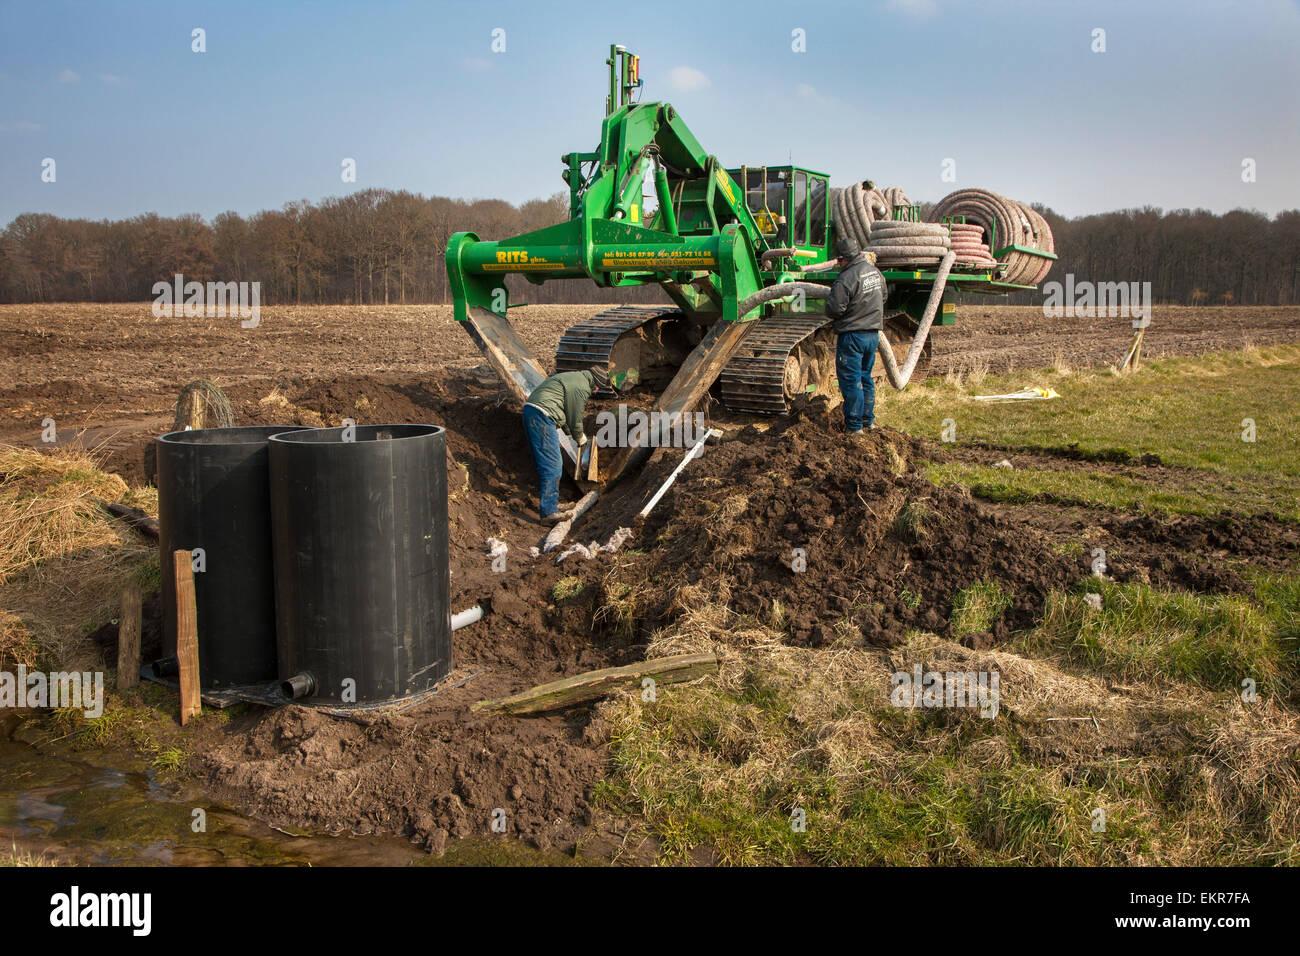 I collaboratori che lavorano con il drenaggio scavatrincee / tile aratro su terreno coltivato Immagini Stock